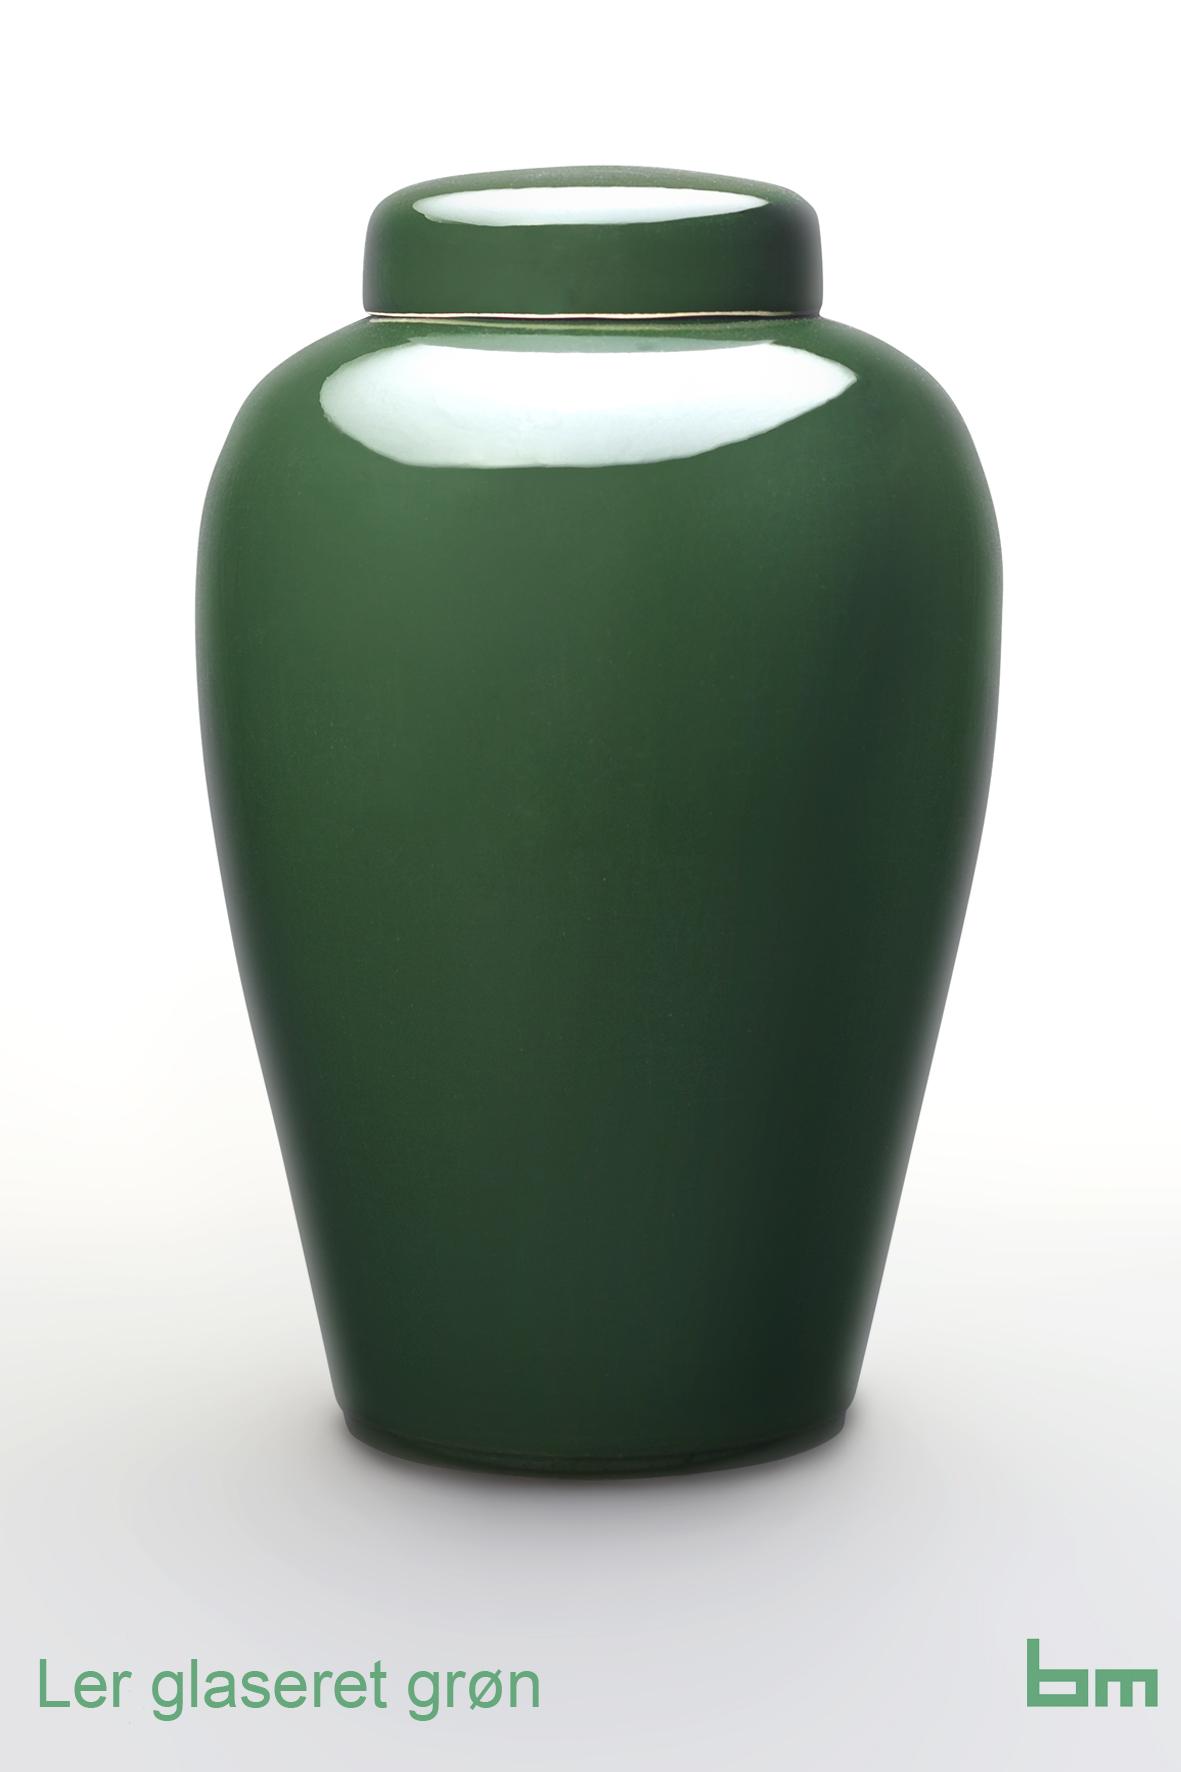 Ler glaseret grøn